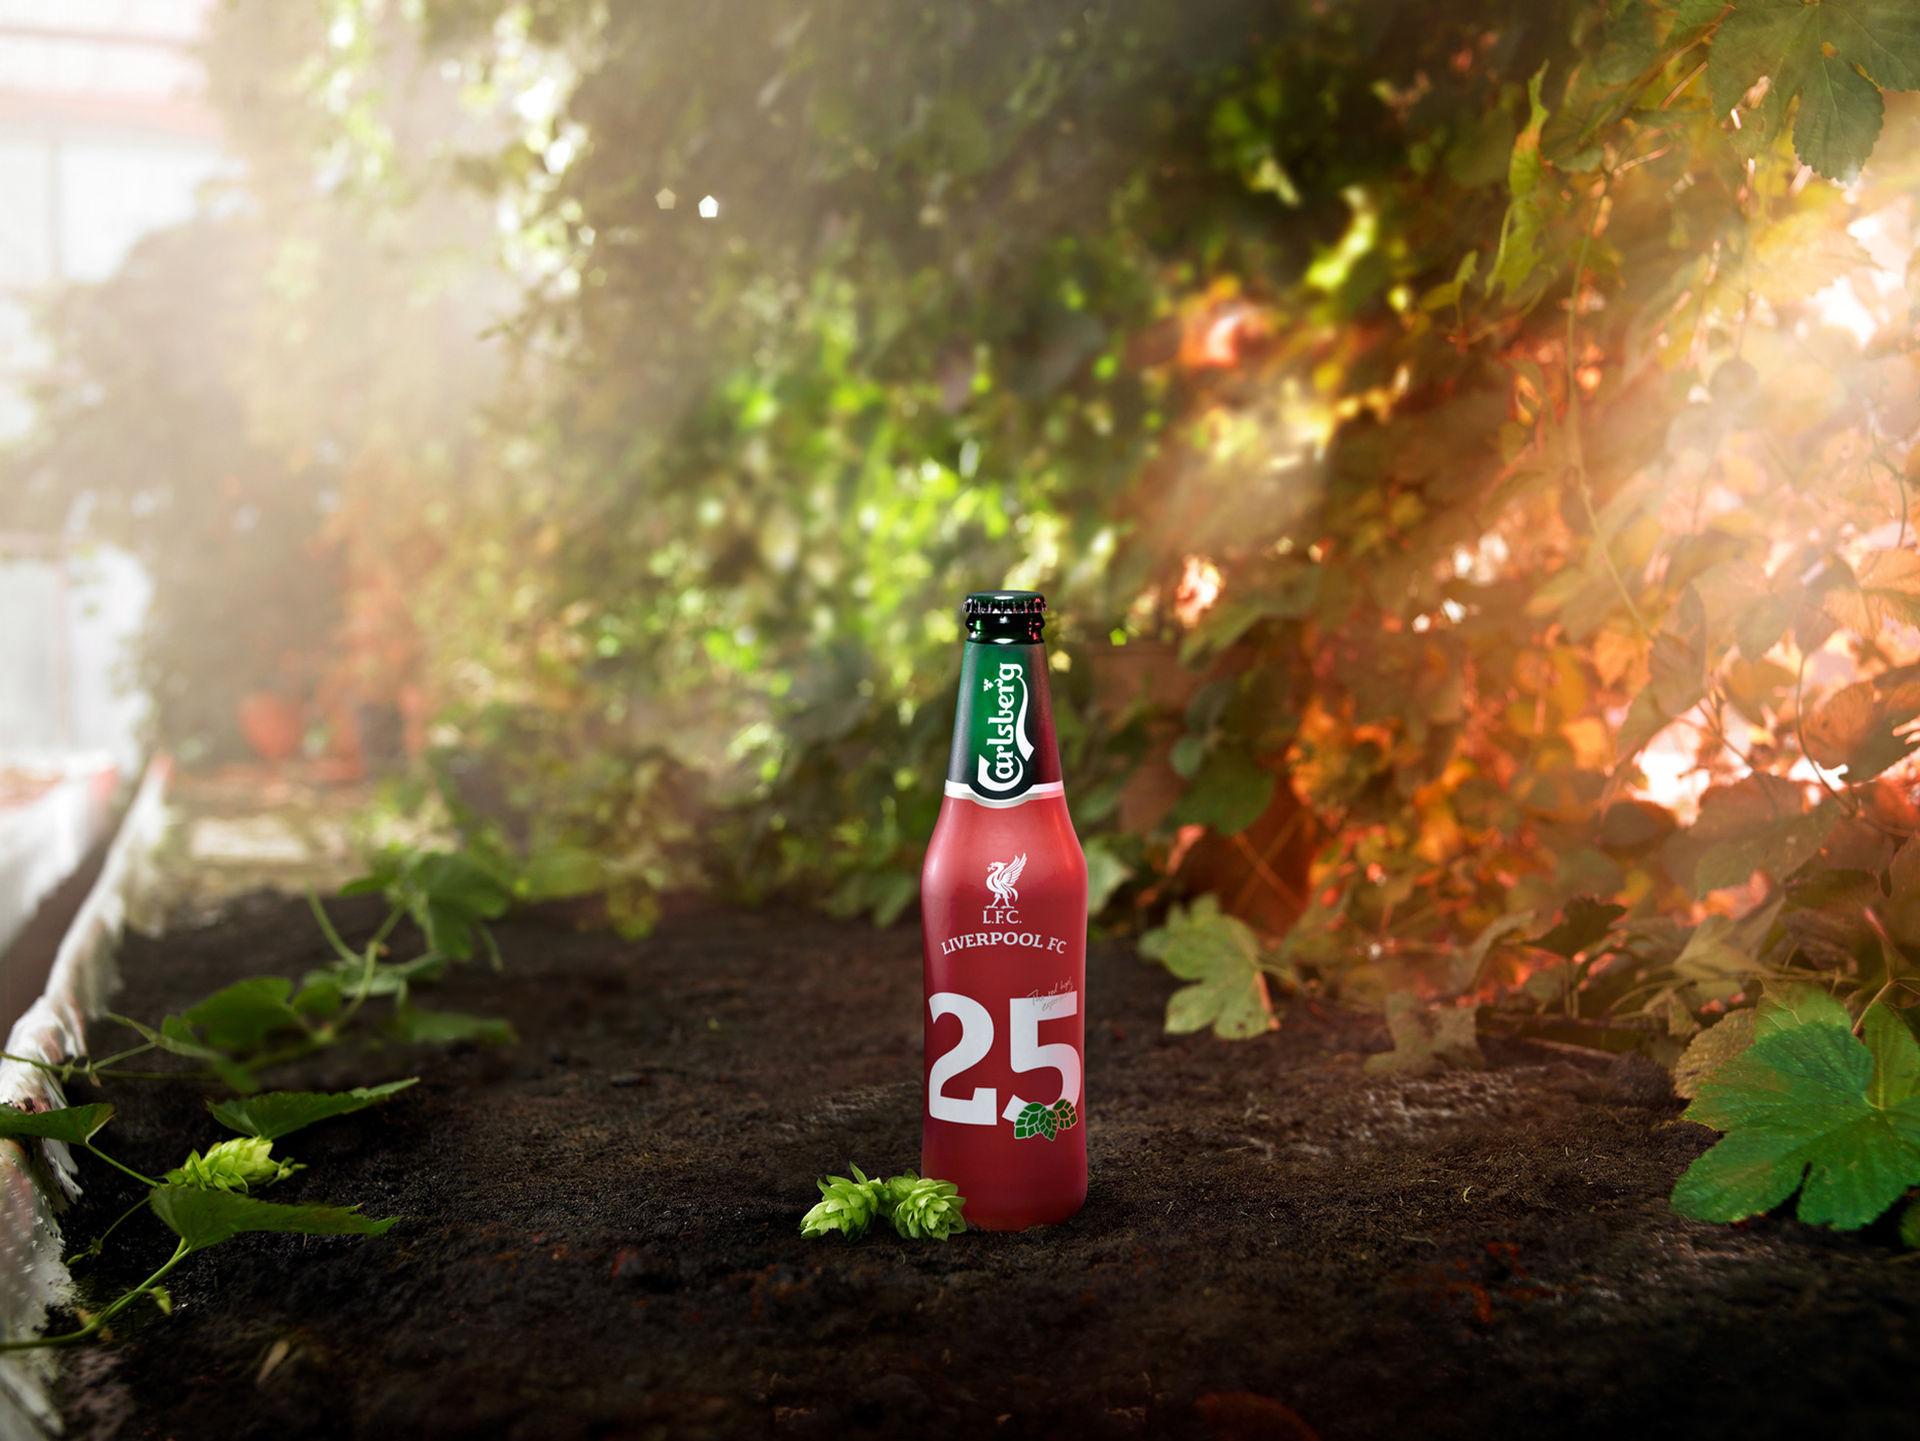 Carlsberg firar 25 år med Liverpool